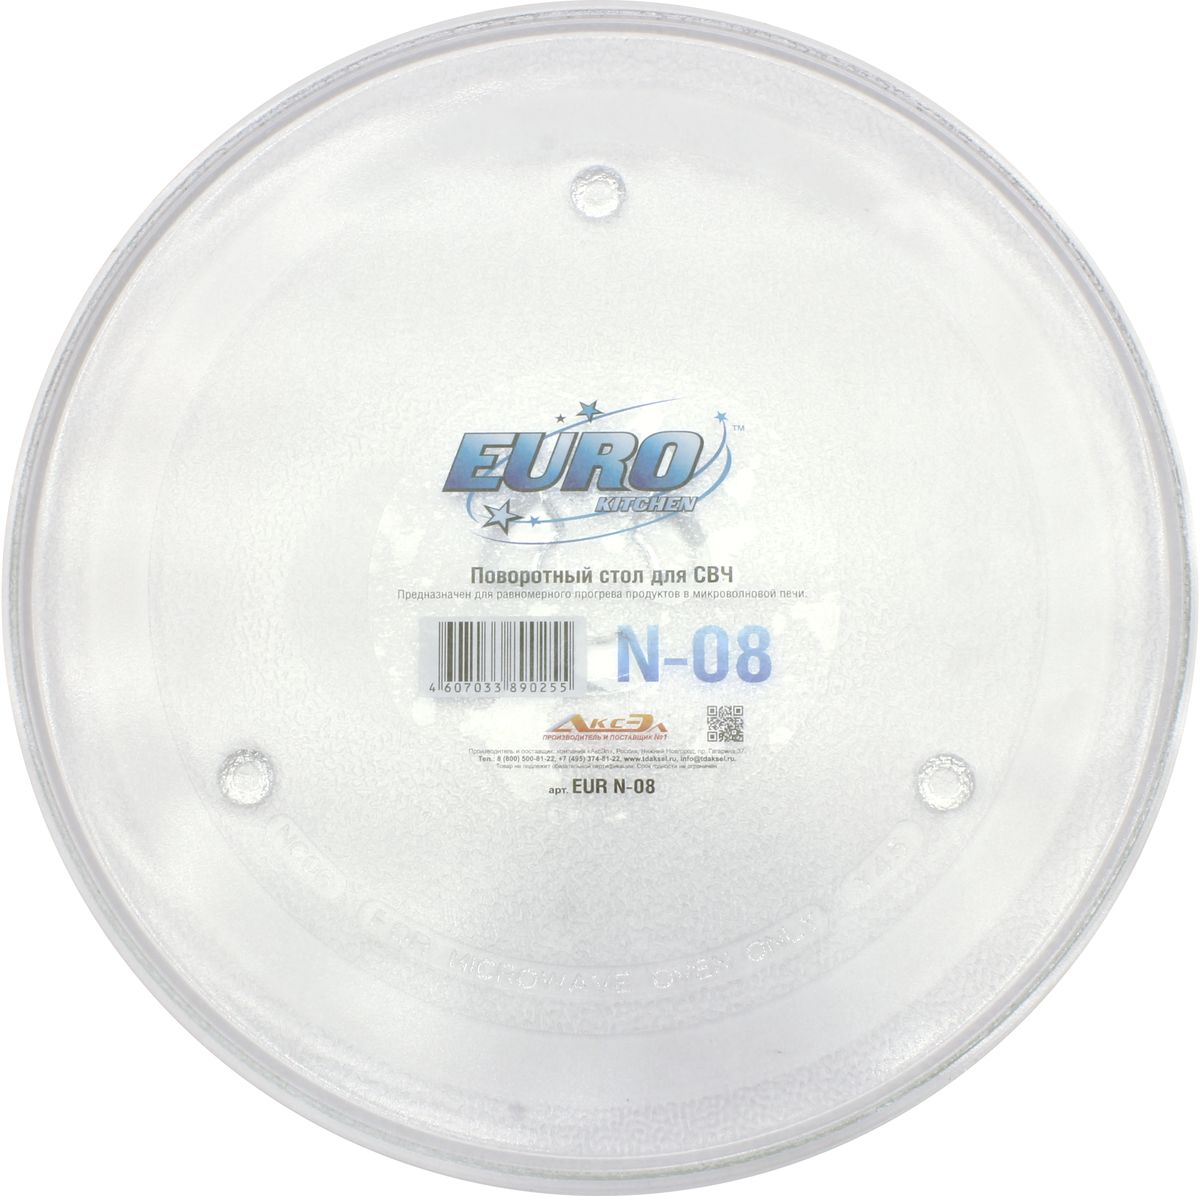 Euro Kitchen N-08 тарелка для СВЧN-08Универсальная тарелка Euro Kitchen N-08 для микроволновой печи. Диаметр тарелки: 255 мм. Она изготовлена из специального жаропрочного стекла, а также легко легко снимается и устанавливается на коуплер. Предназначена для равномерного разогрева продуктов в микроволновой печи.